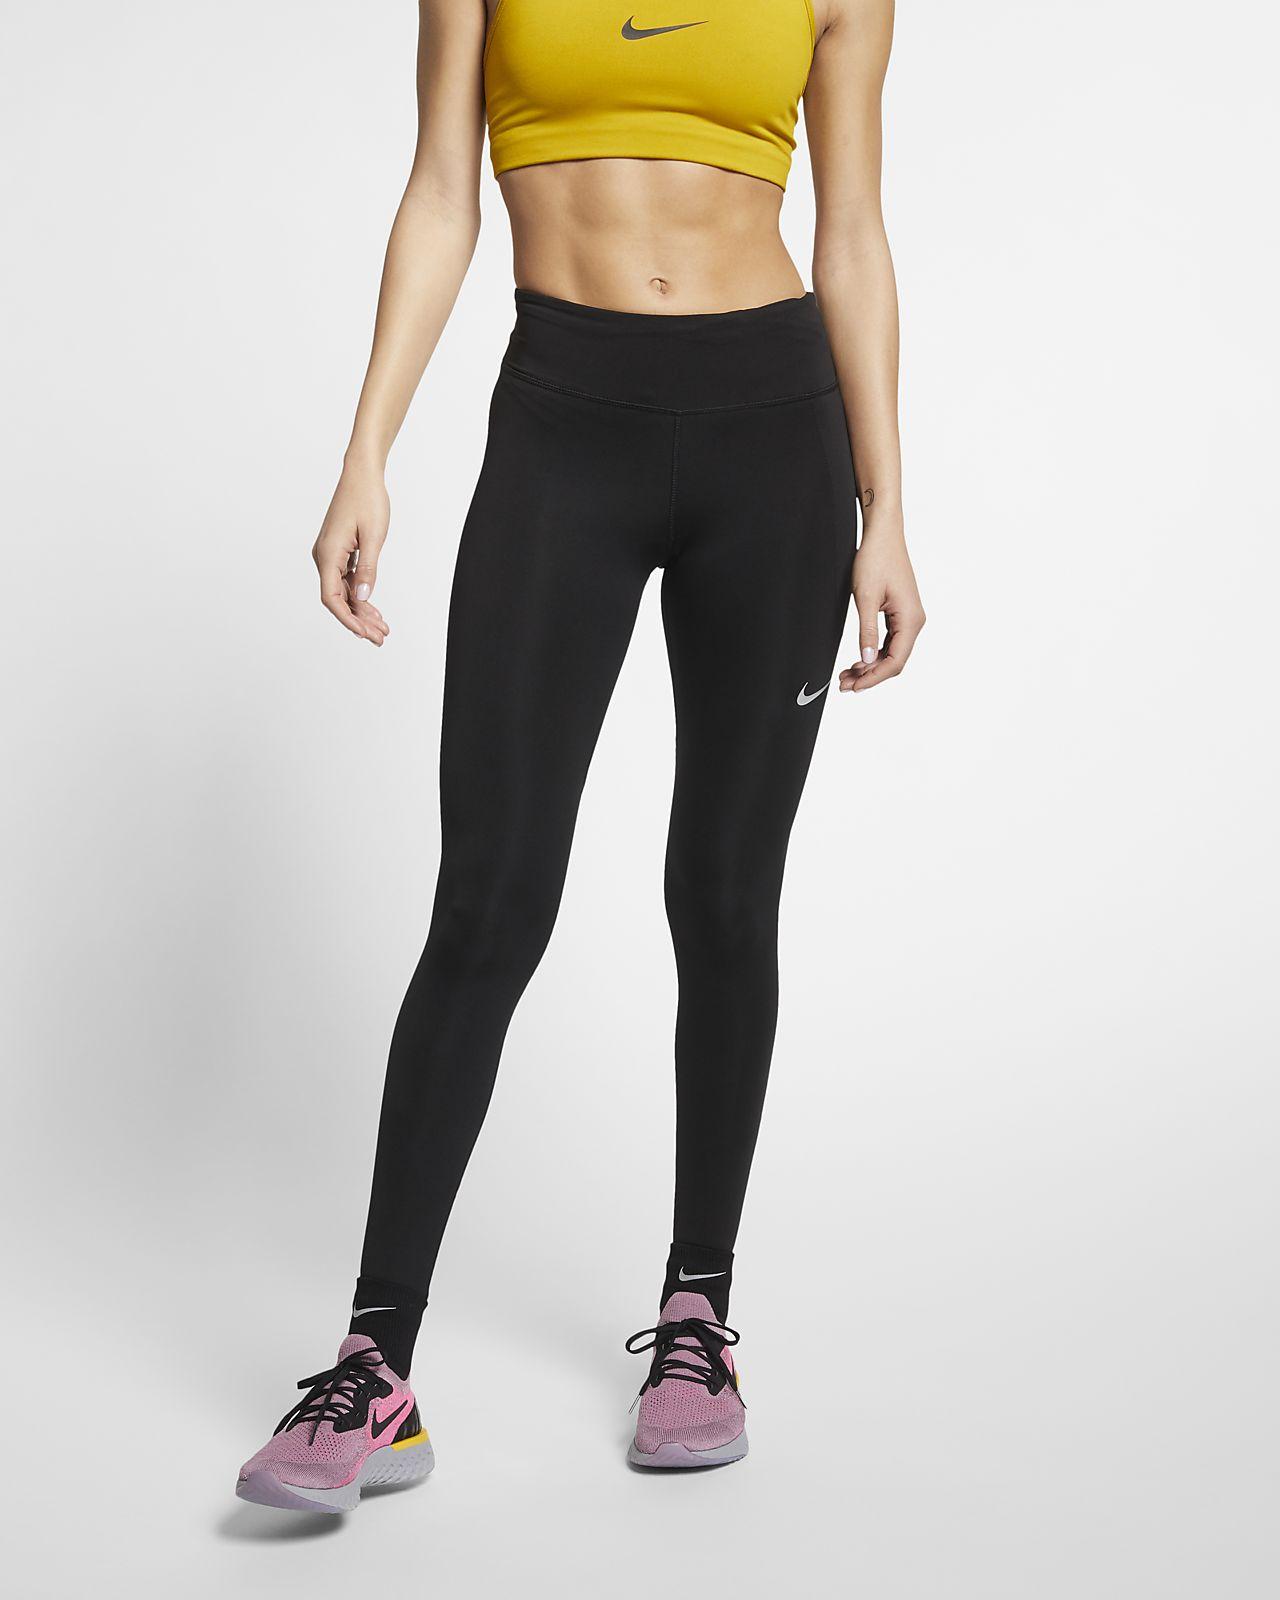 Nike Fast Hardlooptights voor dames